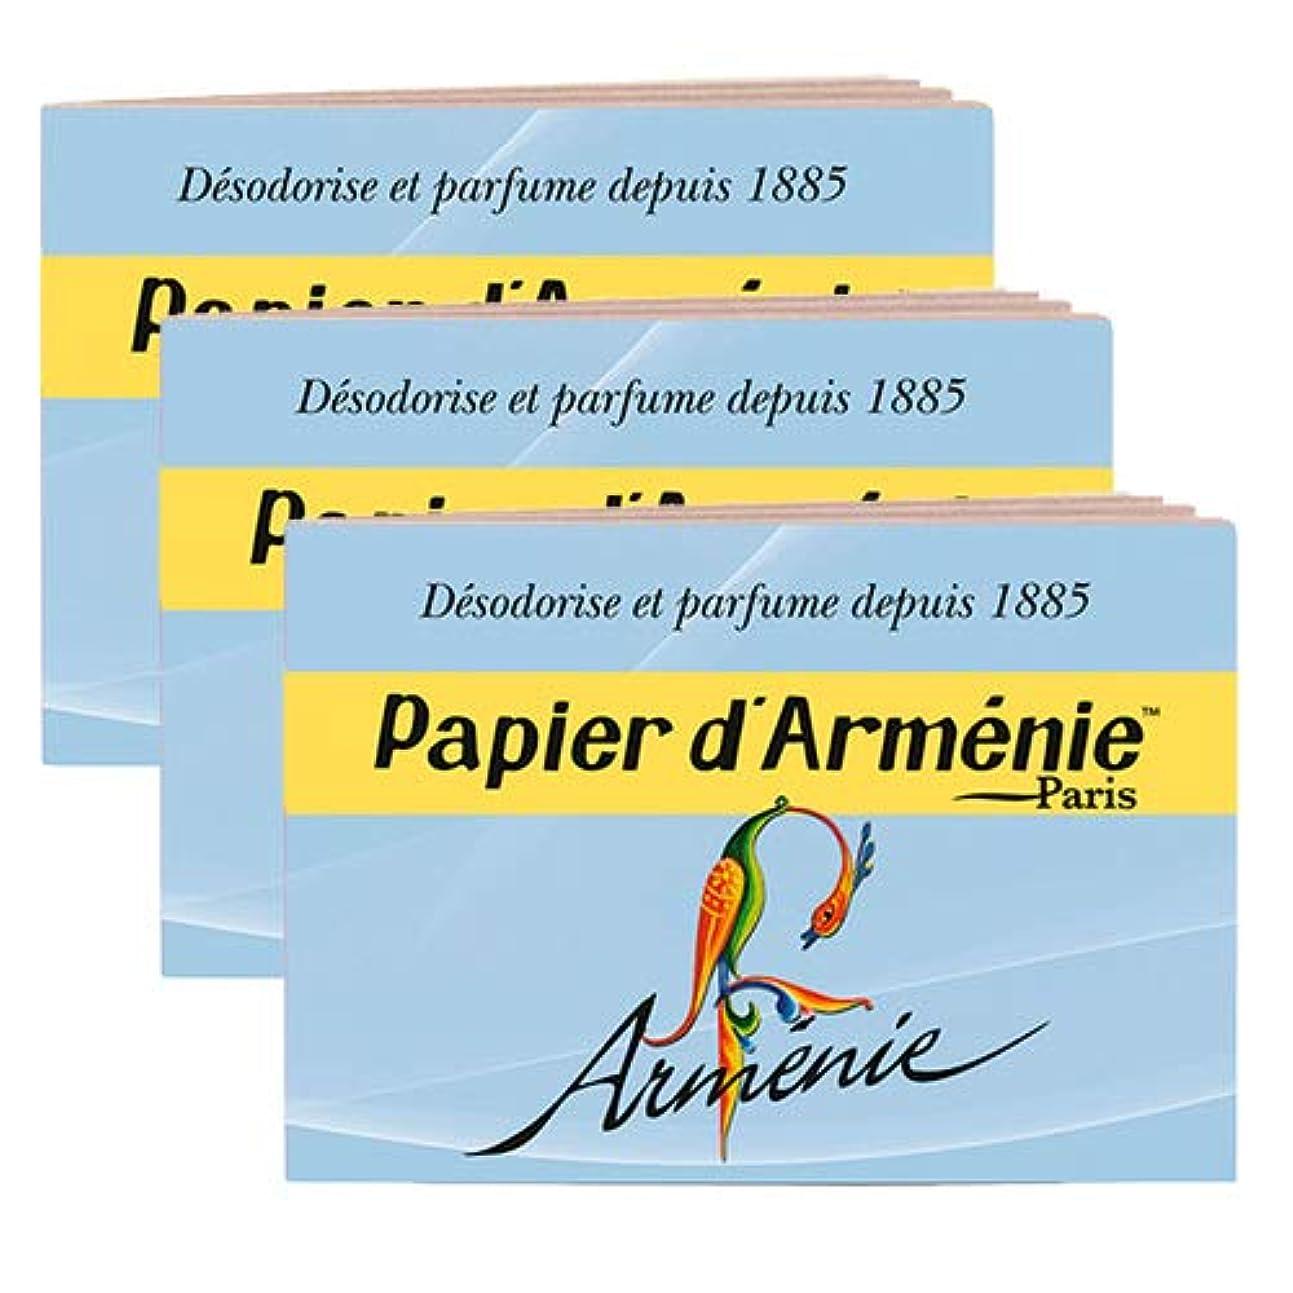 検証制裁忌避剤【パピエダルメニイ】トリプル 3×12枚(36回分) 3個セット アルメニイ 紙のお香 インセンス アロマペーパー PAPIER D'ARMENIE [並行輸入品]